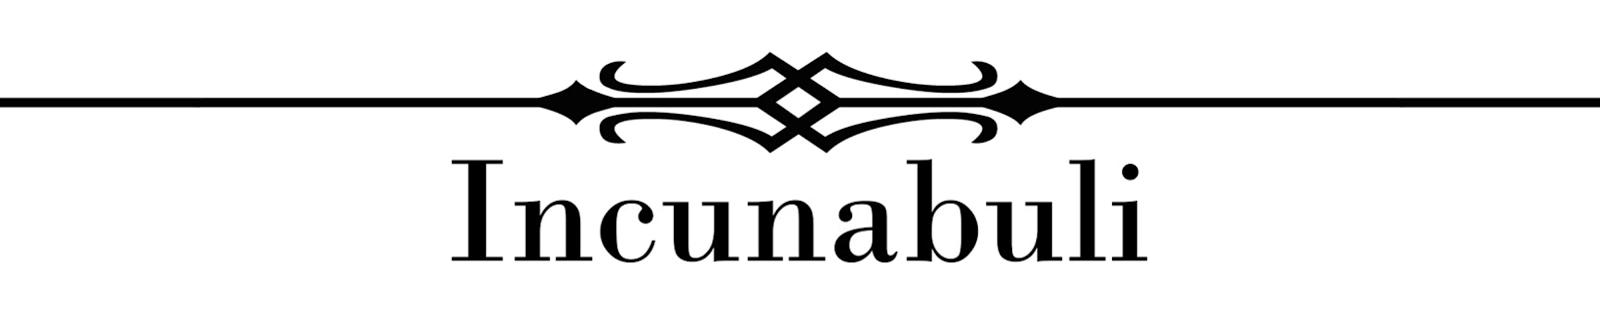 Incunabuli